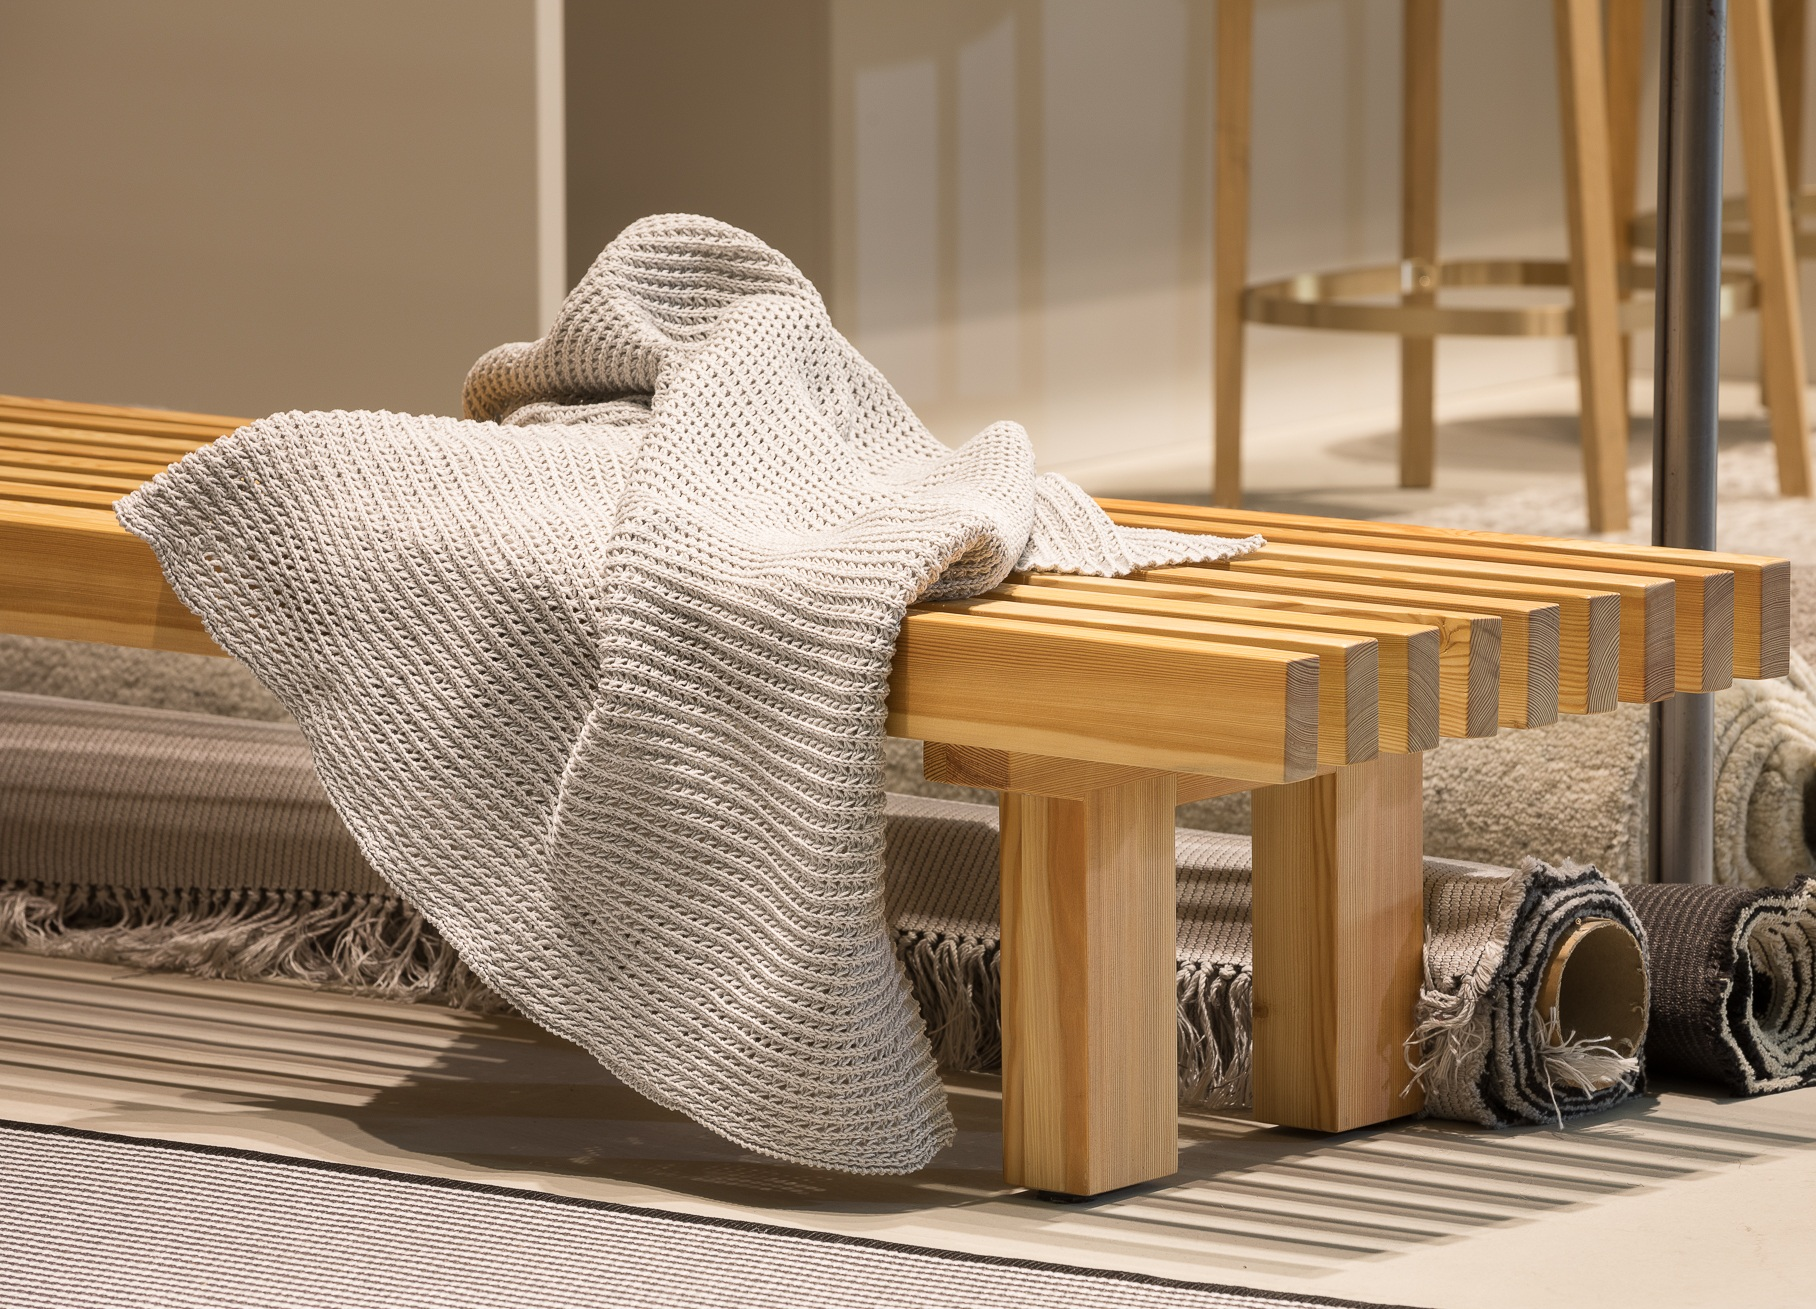 Laveri bench and knitted Outdoor Throw. /  Laveri-penkki ja ulkotilakäyttöön sopiva neule.